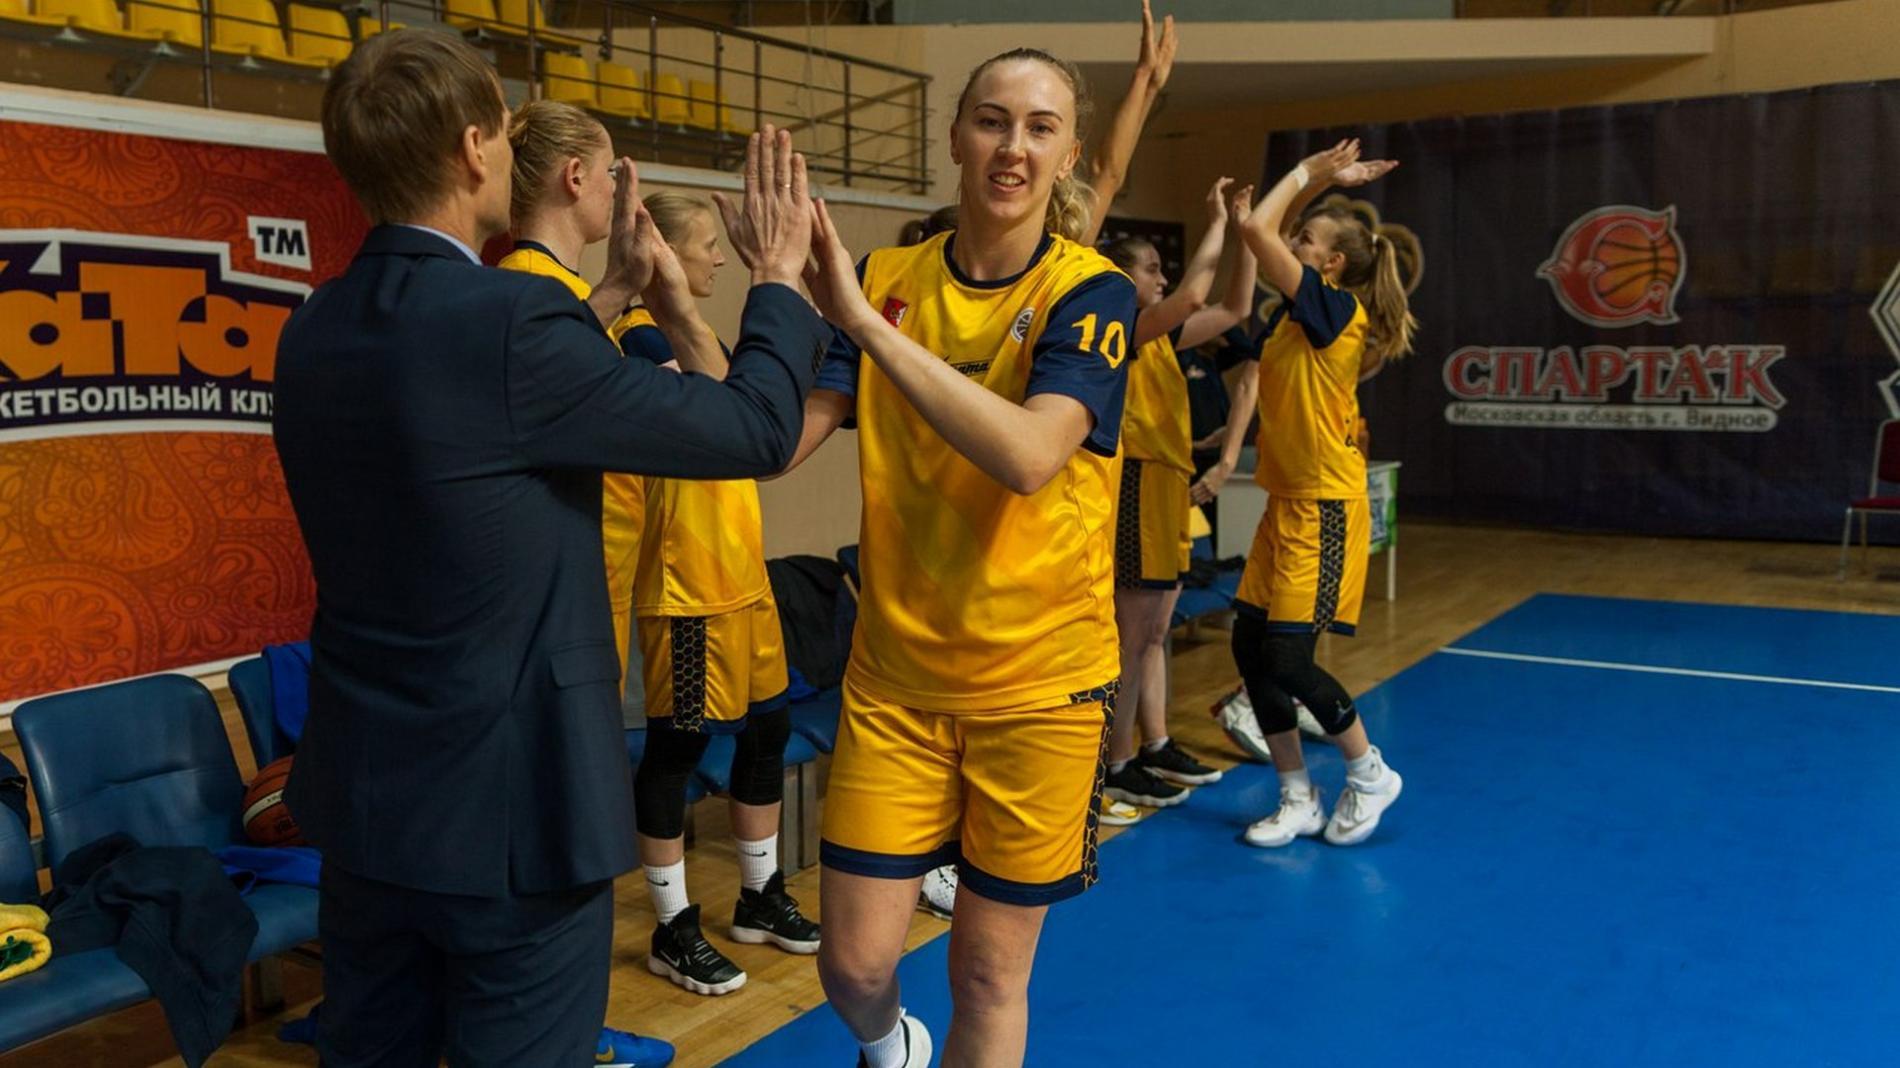 Вологодские баскетболистки разгромили соперниц изКрасноярска— Сильная команда